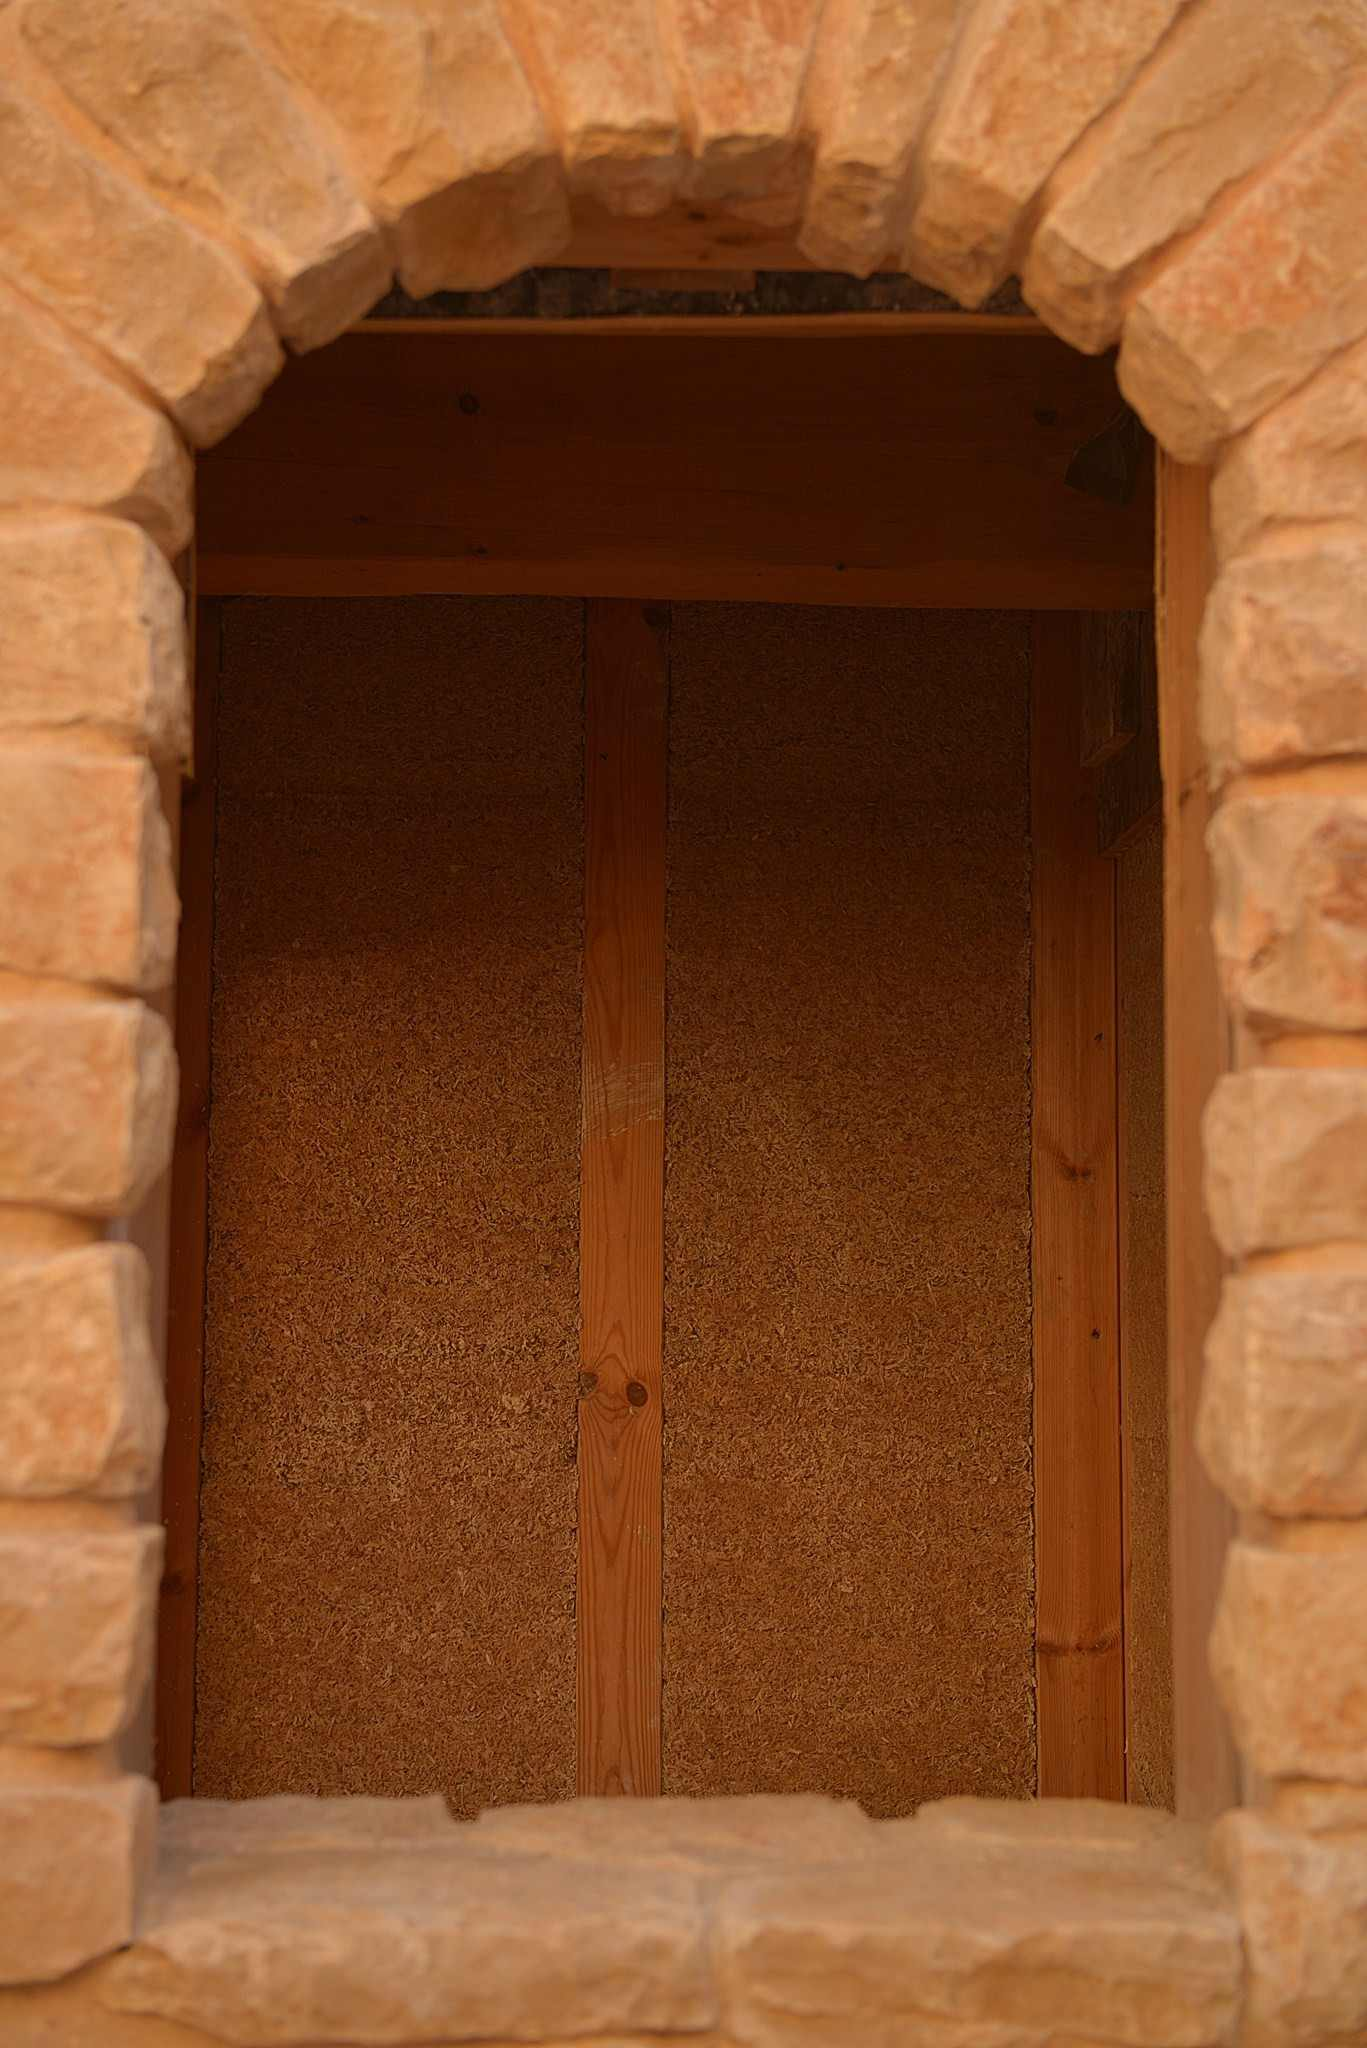 חפצים שילוב שלף קנאביס בקירות בית בר קיימא בעין הוד